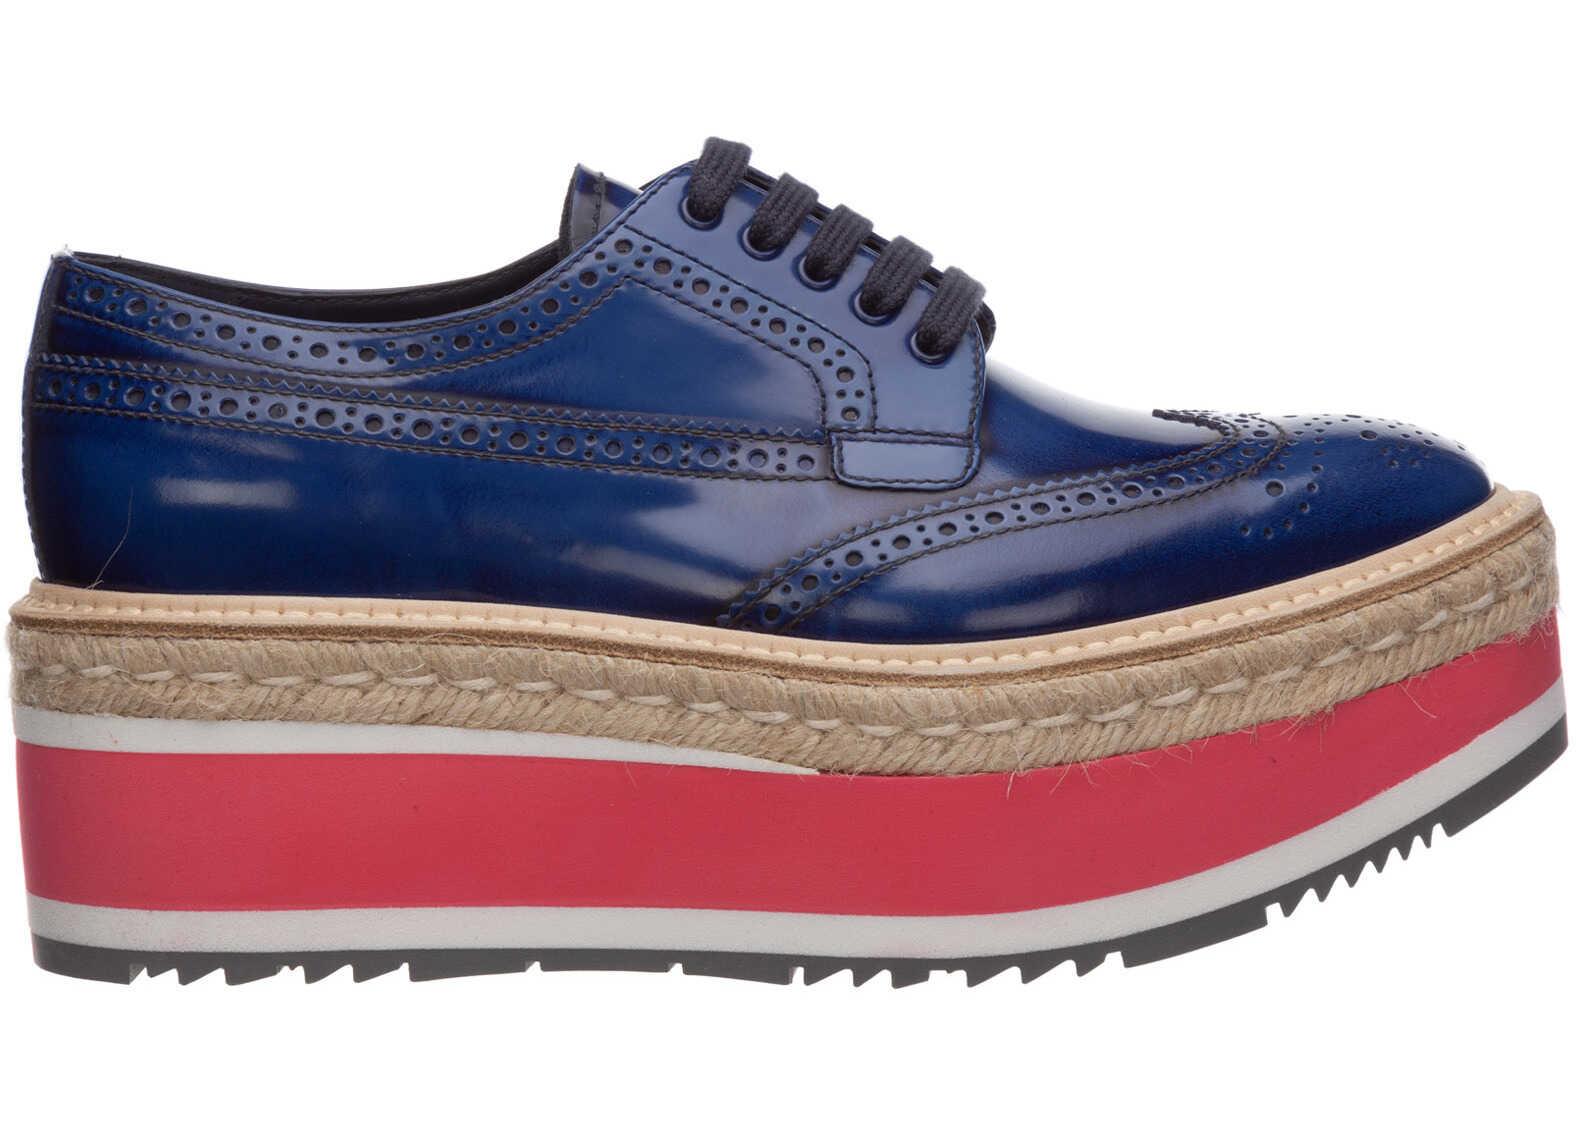 Prada Shoes Derby Blue